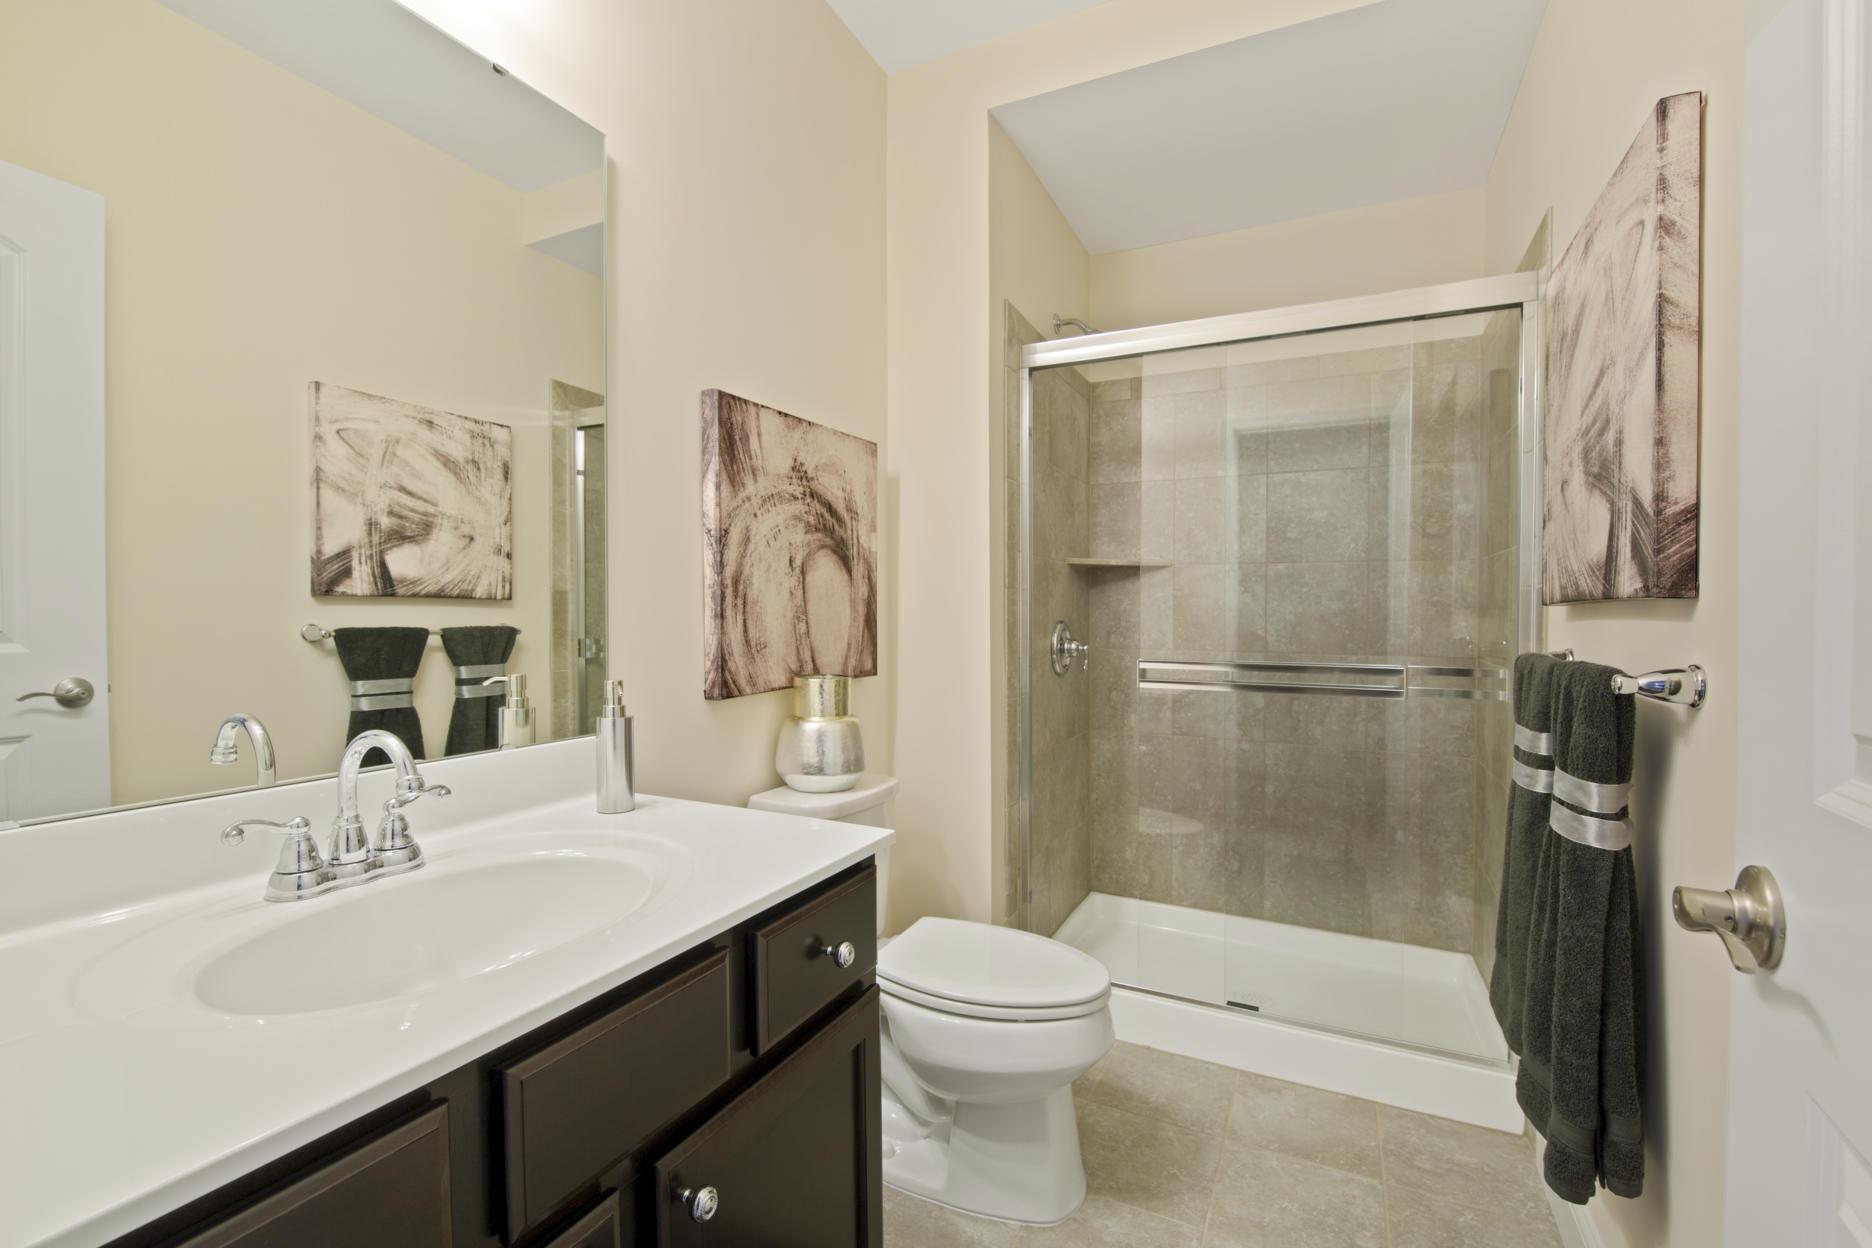 Bathroom featured in the Hialeah By Drees Homes in Cincinnati, KY